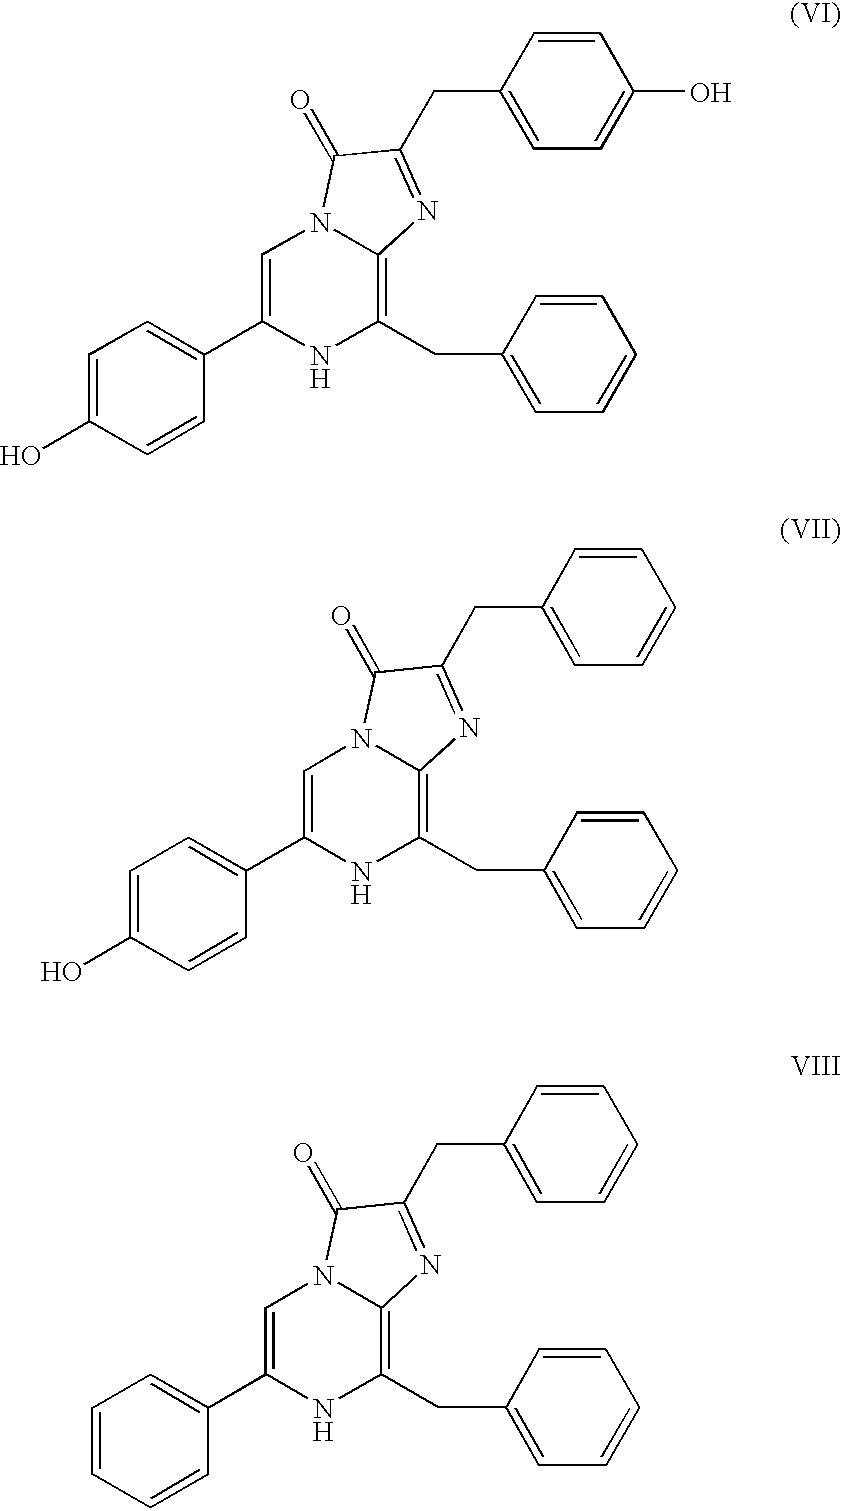 Figure US20030153090A1-20030814-C00163